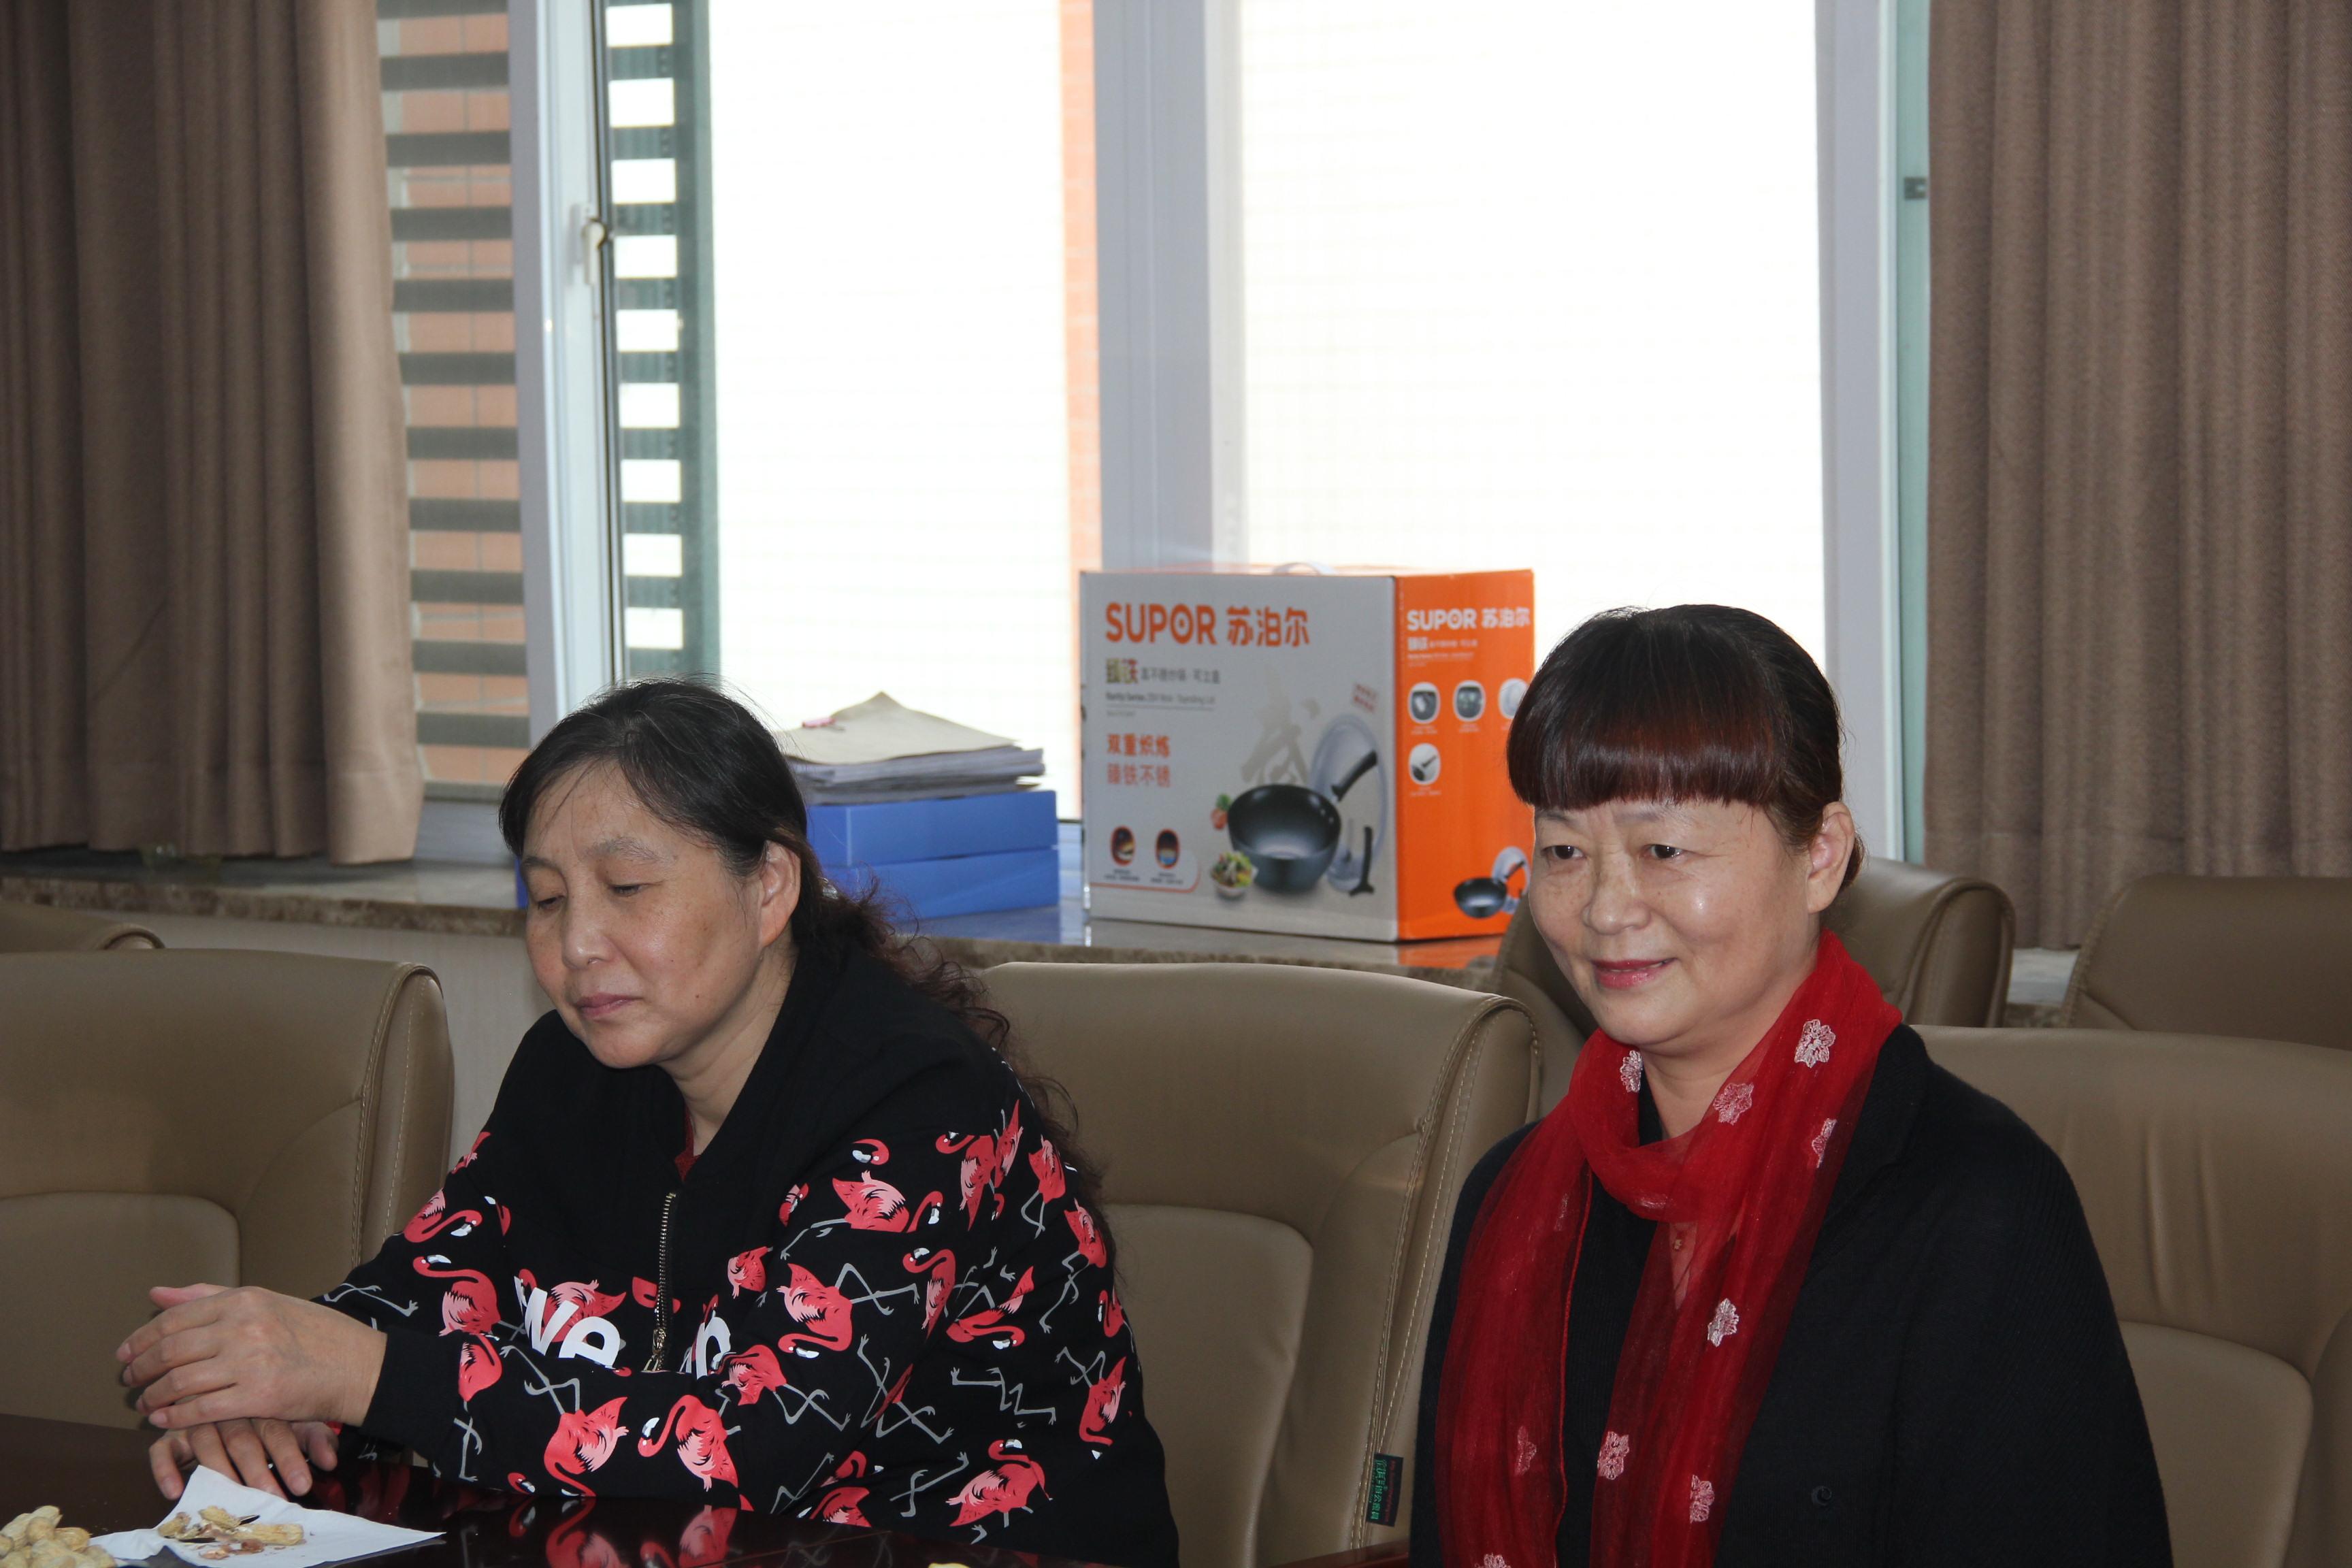 被歡送,是一種初中鄭州101教師需要退休價值舉行的中學反義疑問句圖片